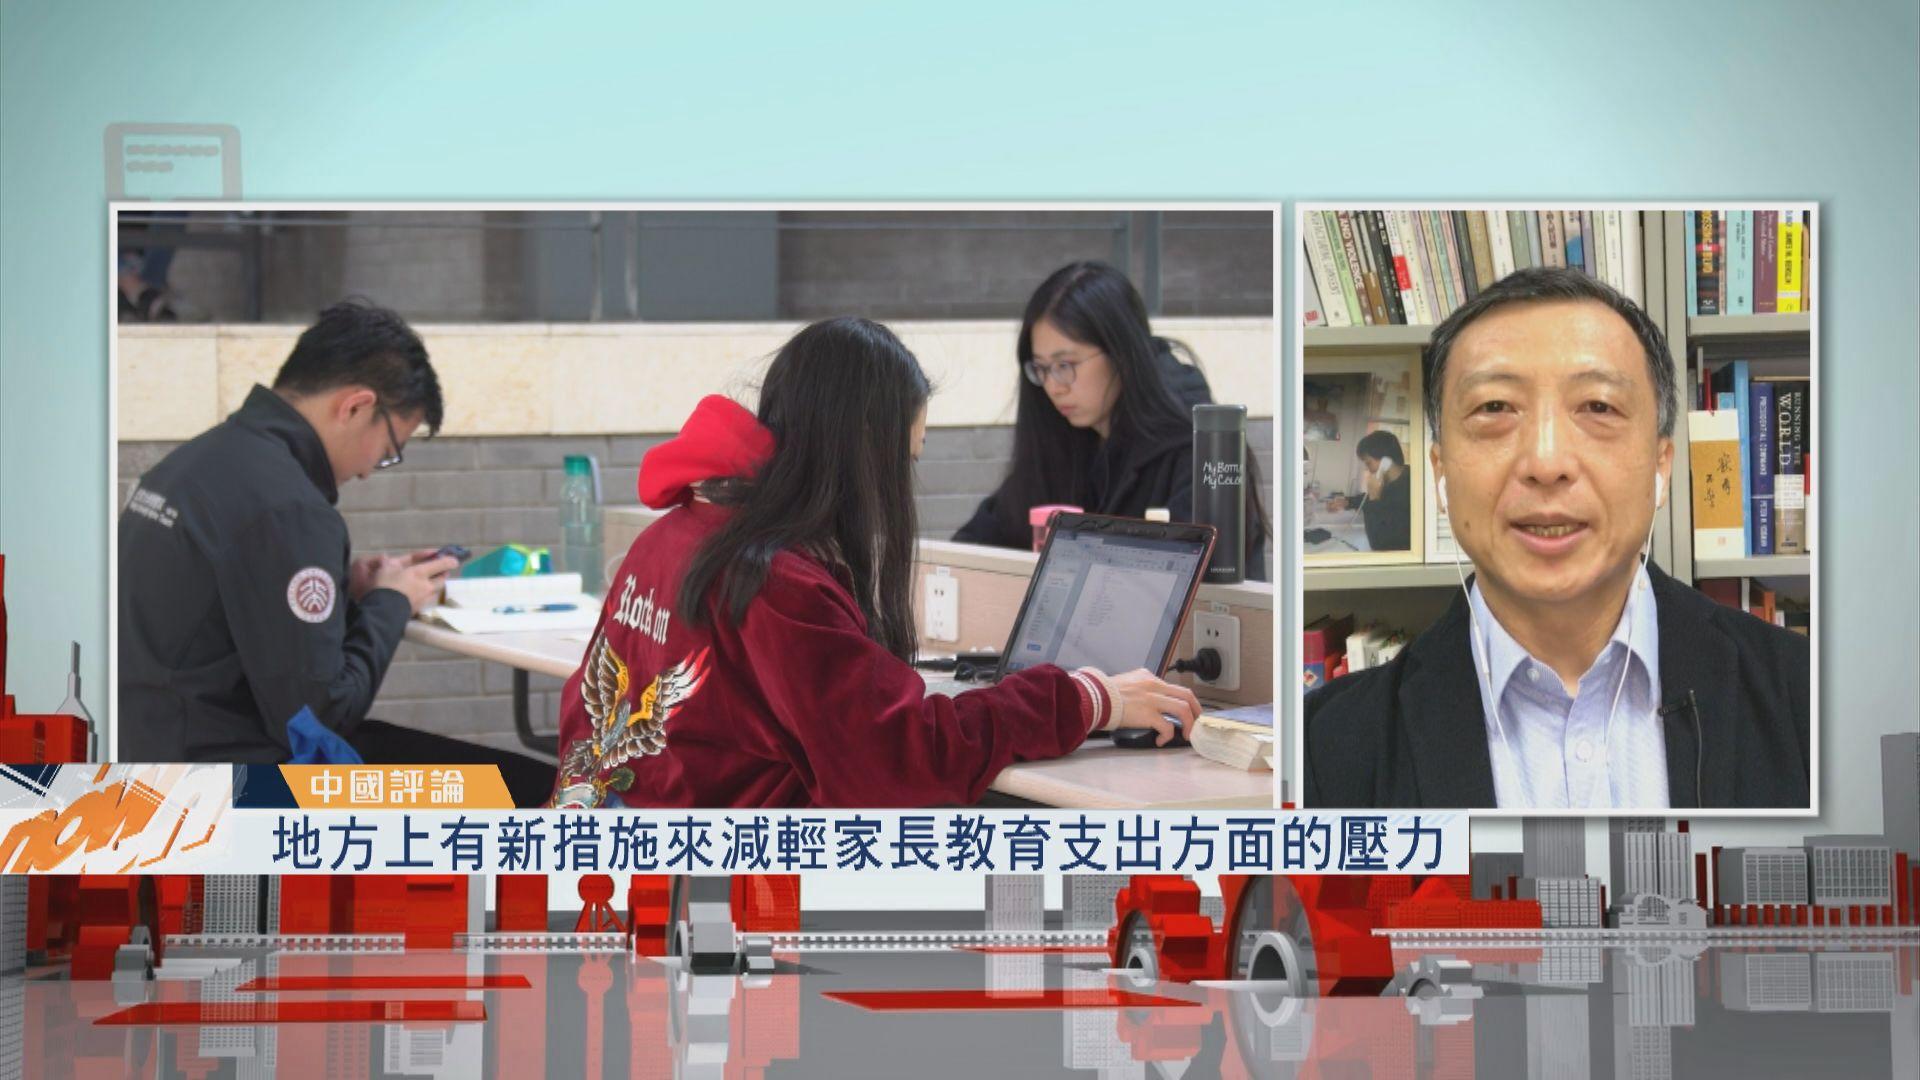 【中國評論】減輕學生作業負擔和校外培訓負擔文件